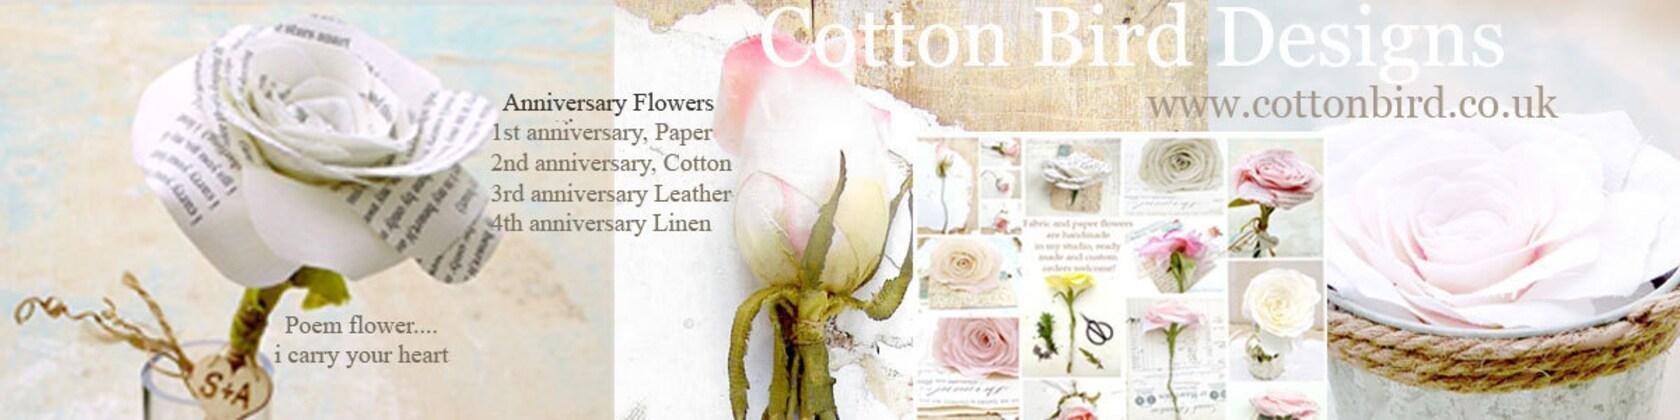 Wedding Anniversary www.cottonbird.co.uk von CottonBirdDesigns